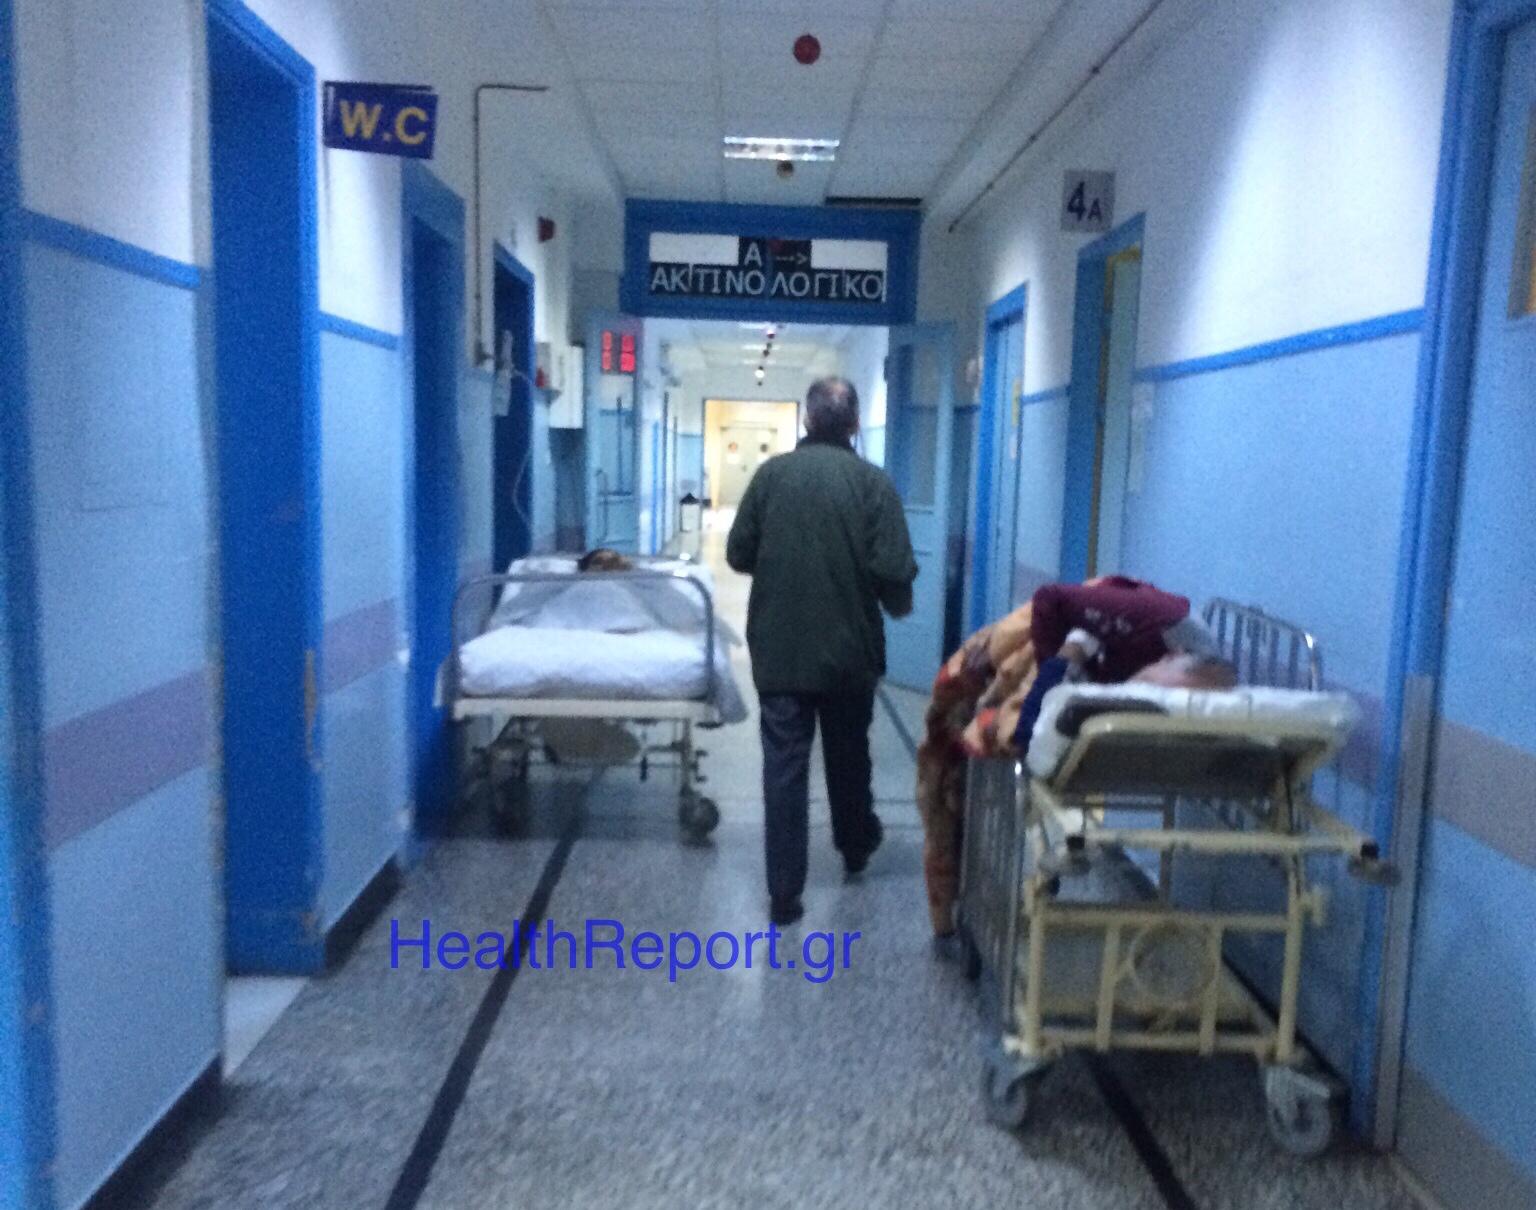 Στα δικαστήρια οι απολυμένοι «γαλάζιοι» διοικητές νοσοκομείων! Μυστική συνάντηση 30 διοικητών